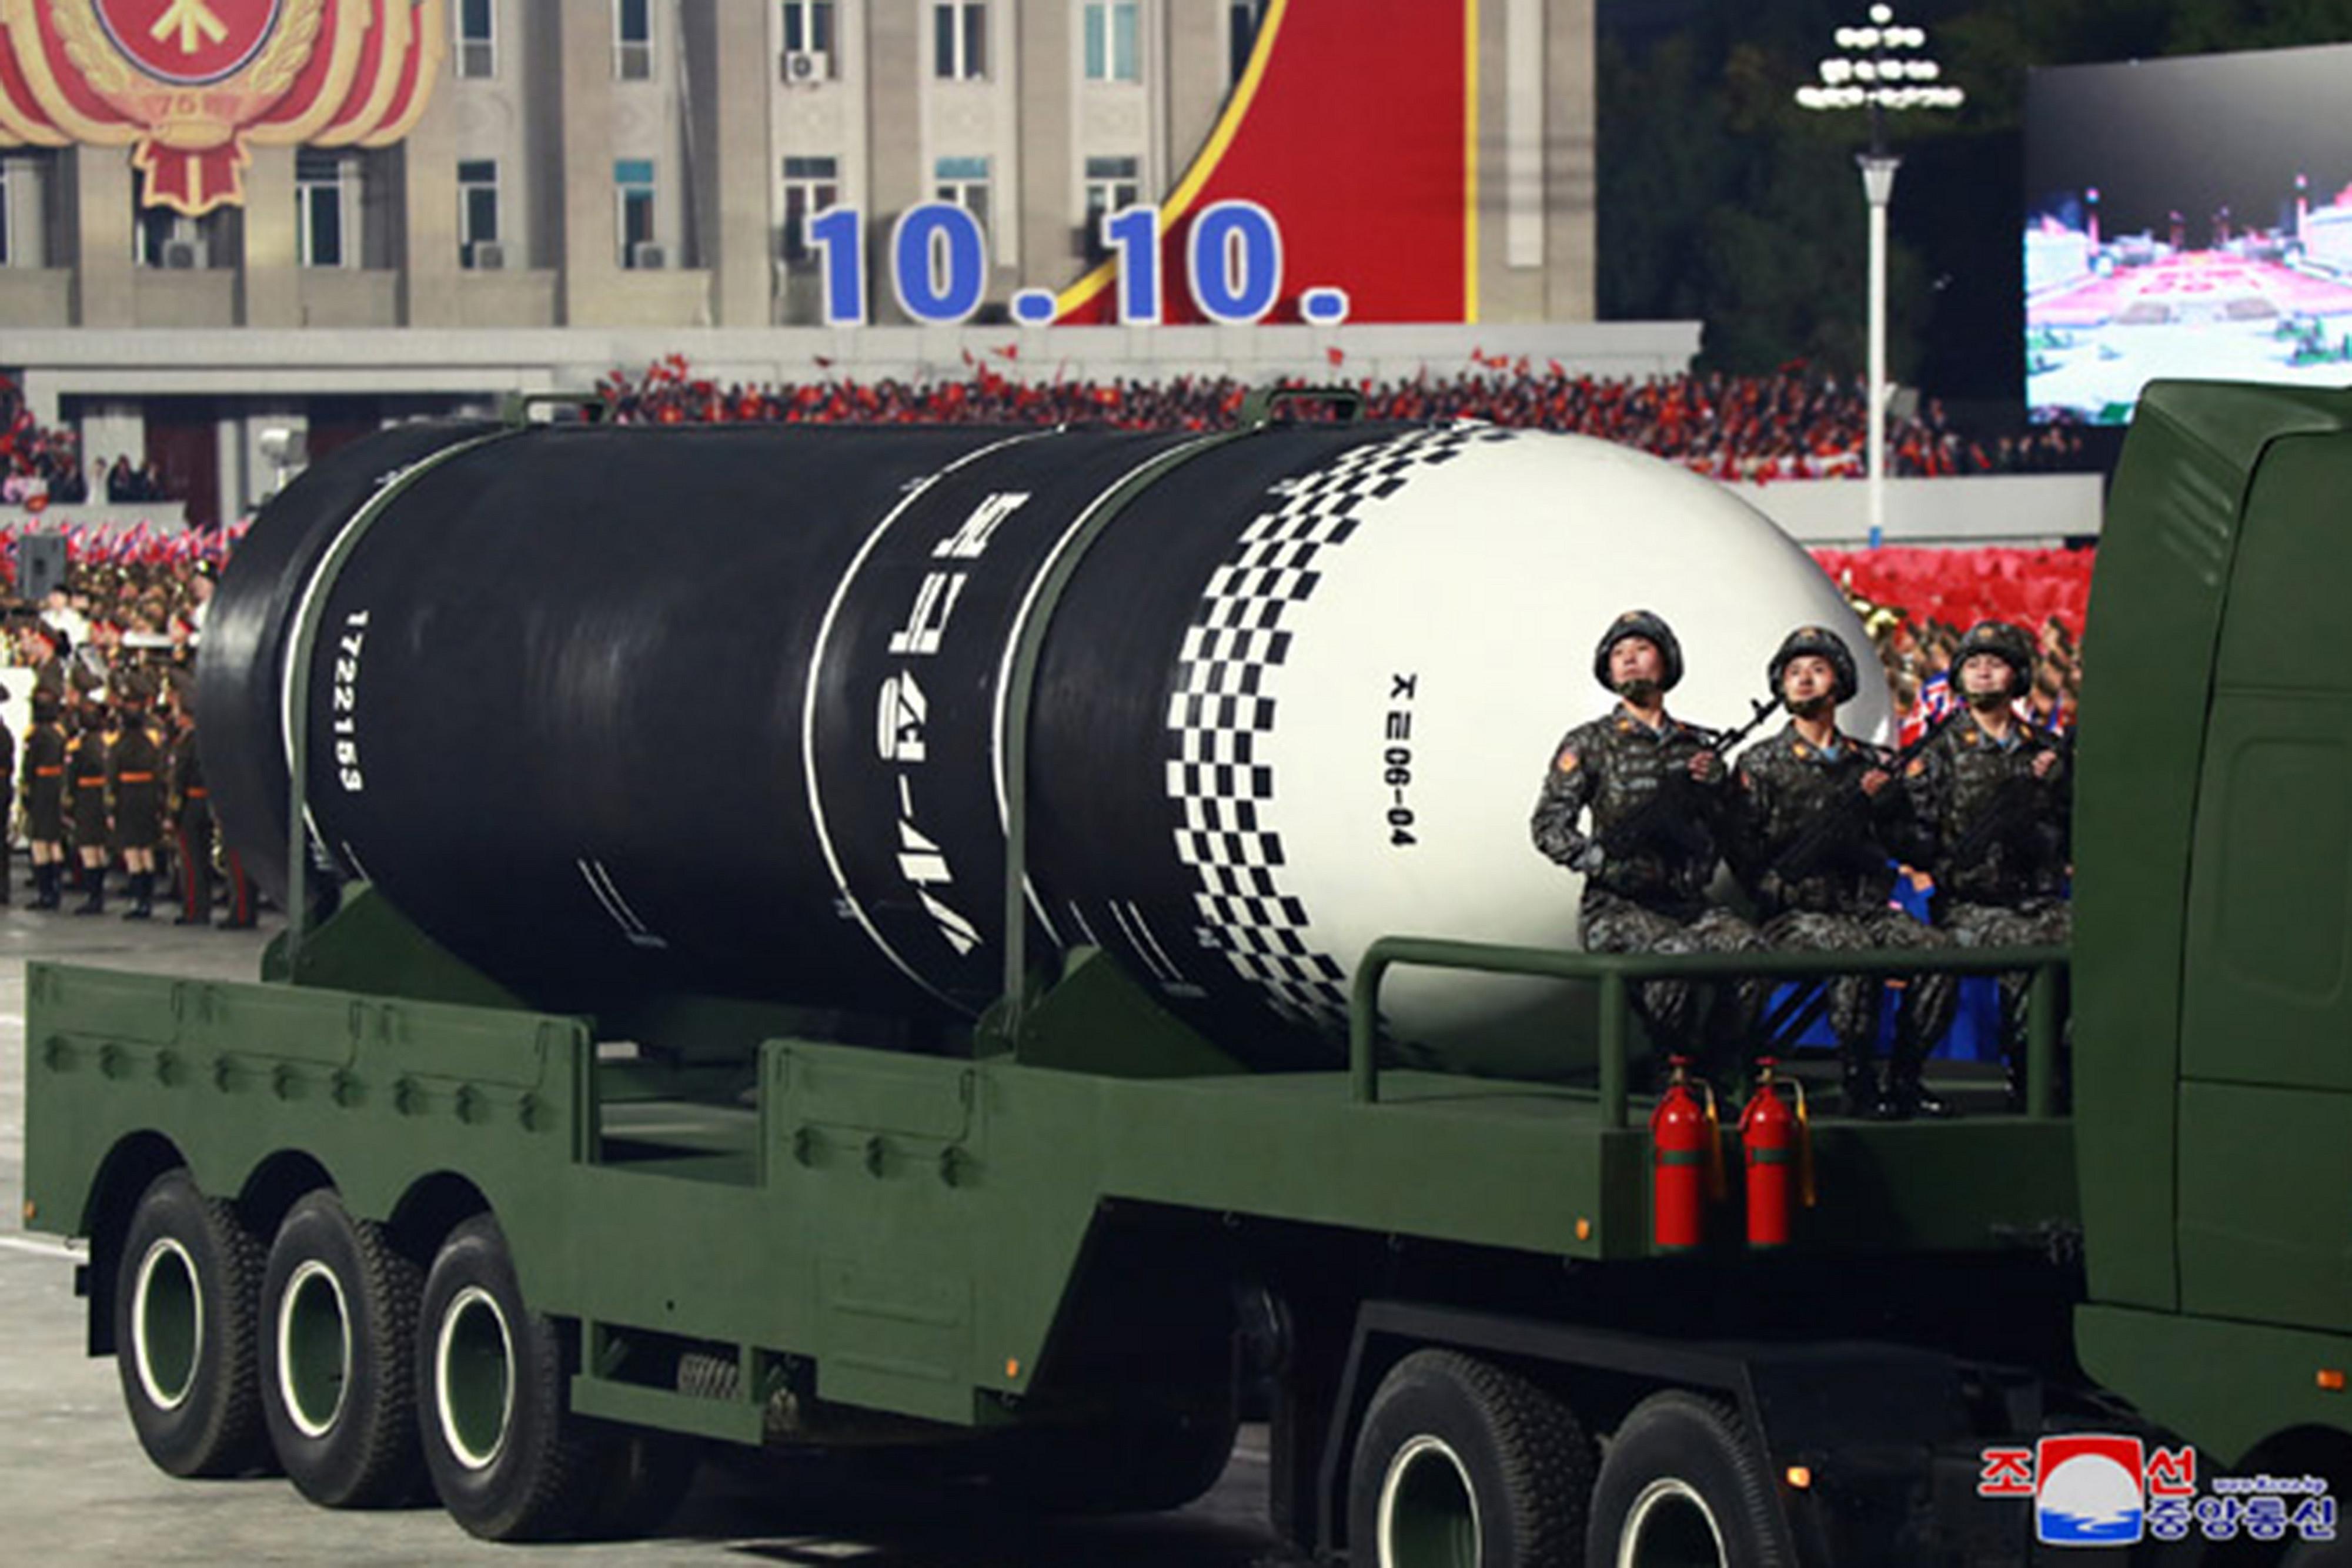 ▲▼北韓於閱兵式公開新型潛射飛彈「北極星4ㅅ」,卻反而痛批南韓預購買核燃料。(圖/達志影像)